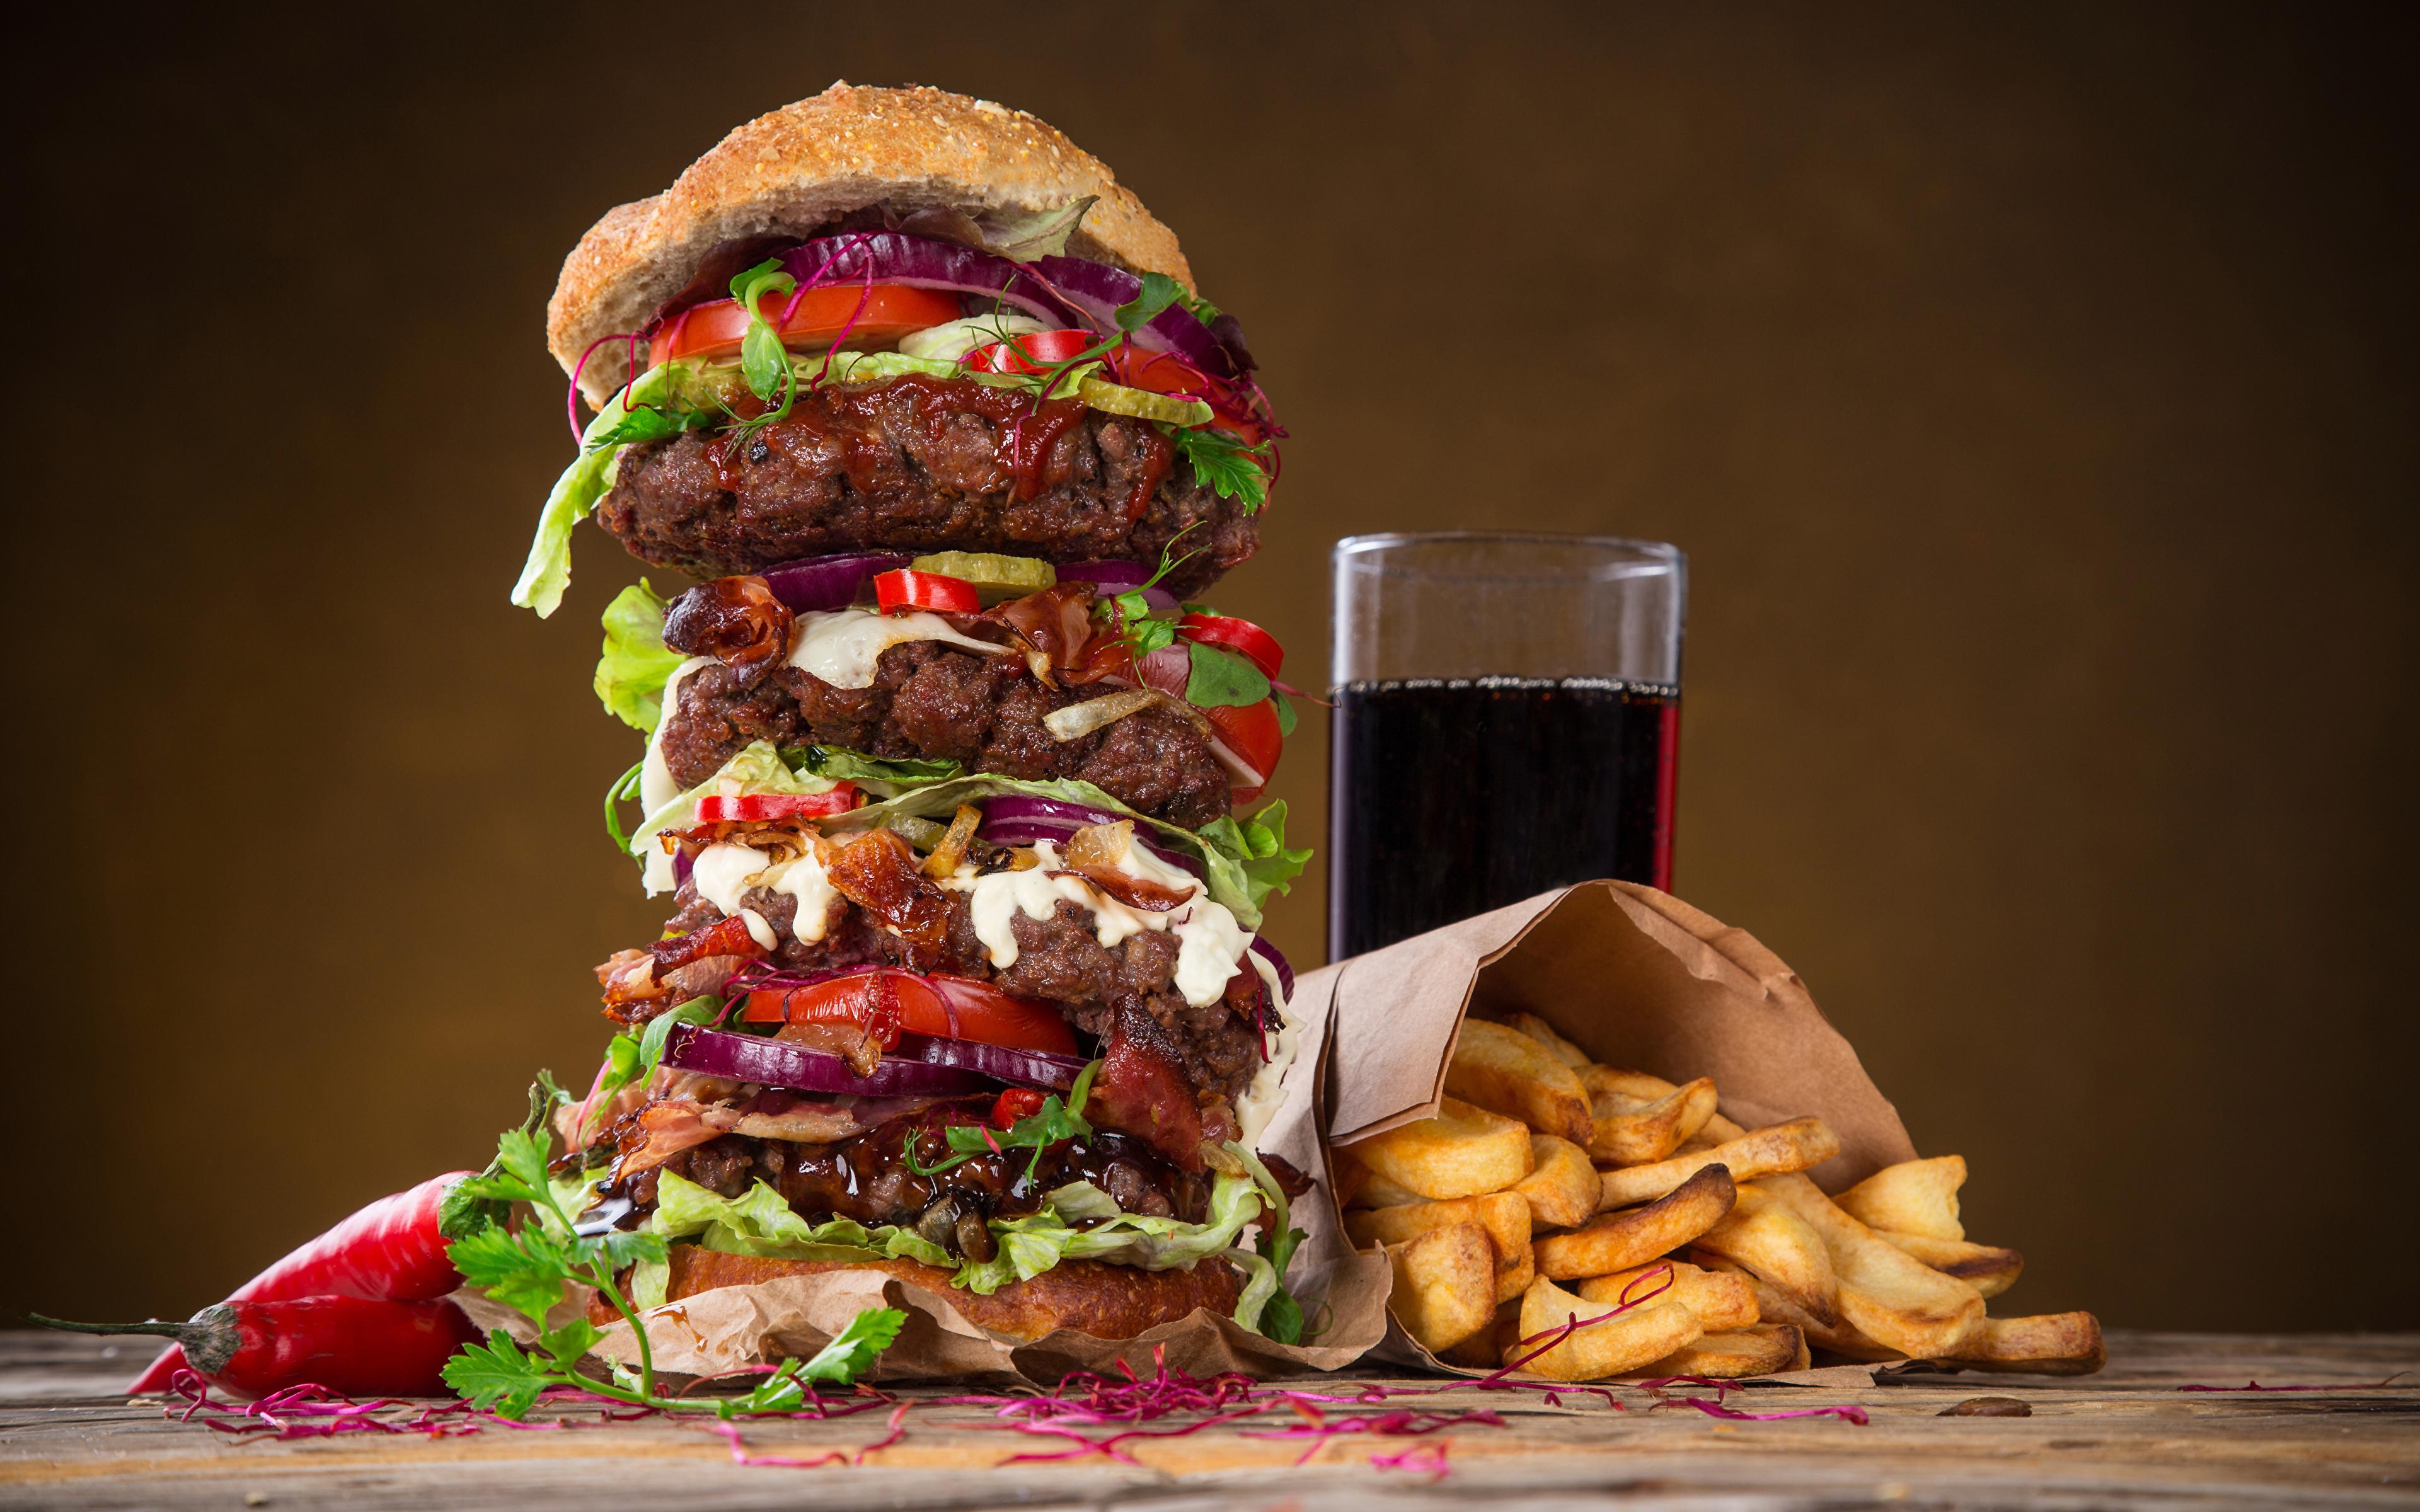 Обои для рабочего стола Гамбургер Картофель фри стакана Быстрое питание Пища Напитки 3840x2400 Стакан стакане Фастфуд Еда Продукты питания напиток